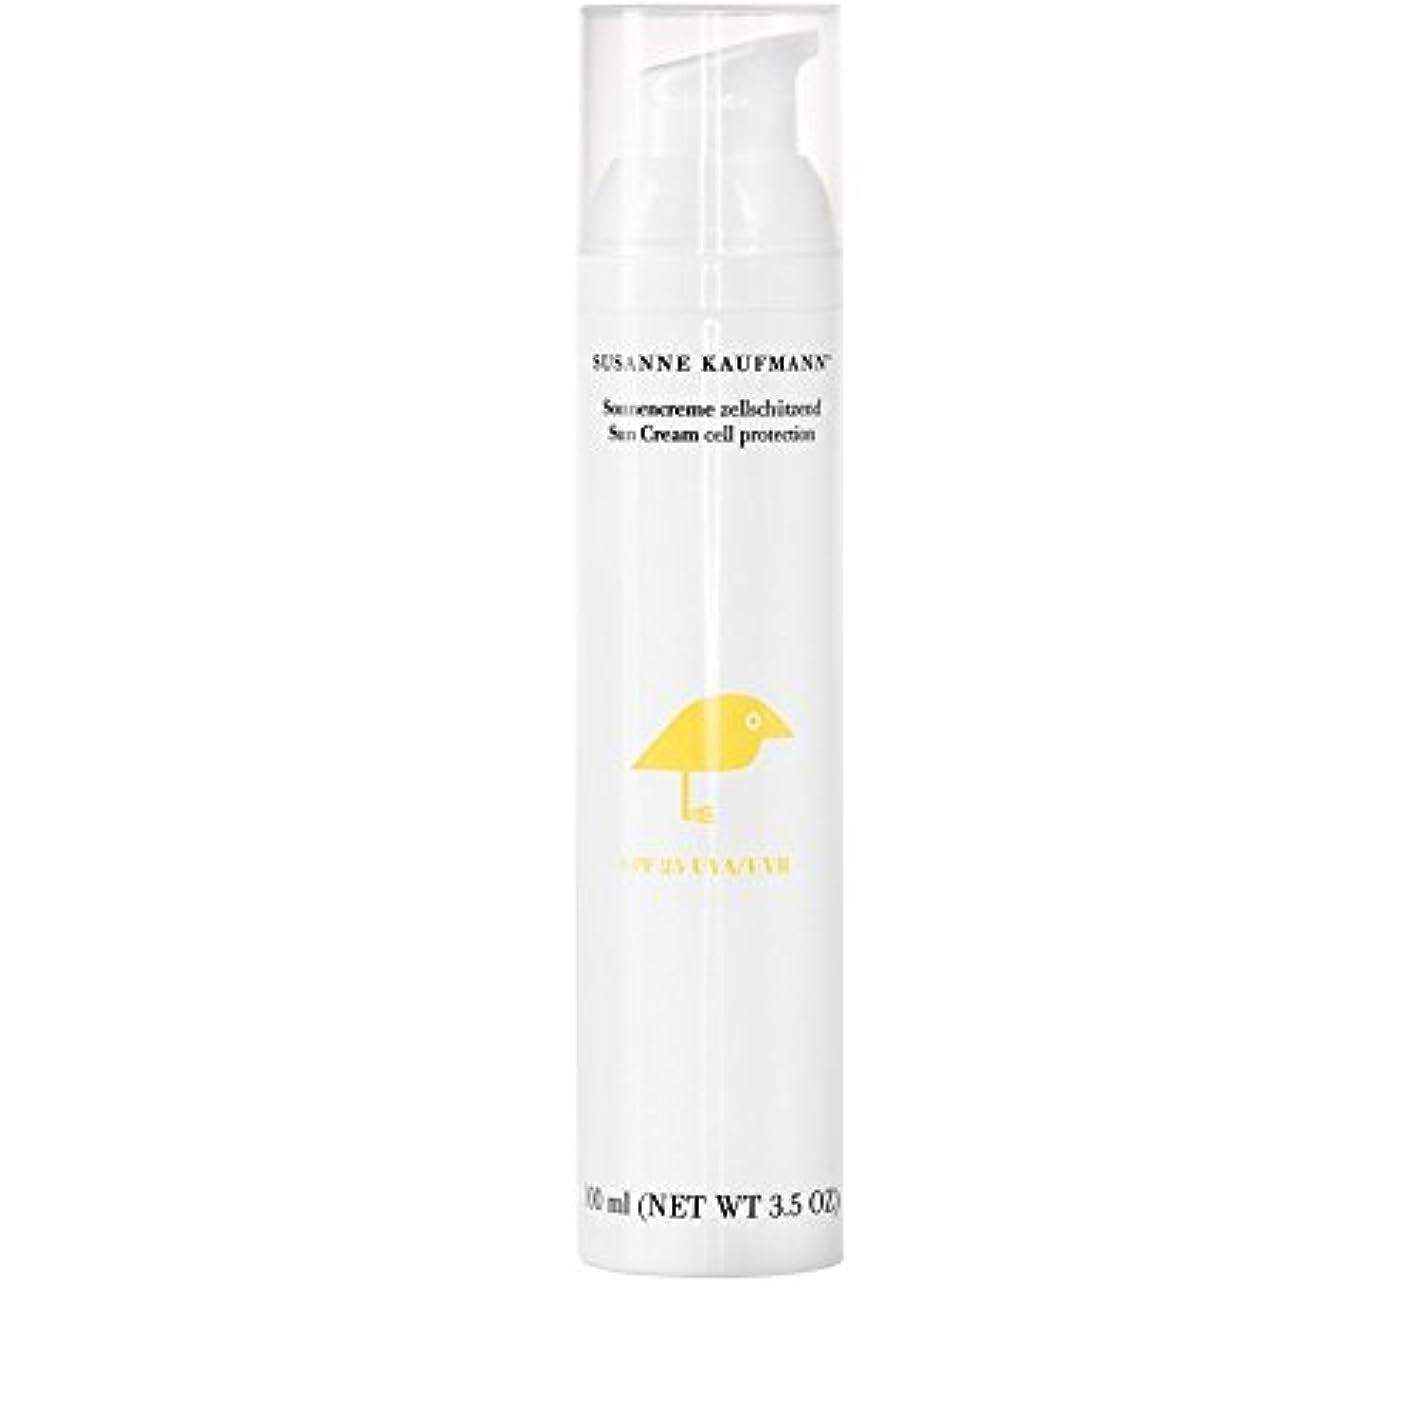 六分儀用心深い暗記するSusanne Kaufmann Cell Protection Sun Cream SPF25 100ml - スザンヌカウフマン細胞保護日クリーム25の100ミリリットル [並行輸入品]